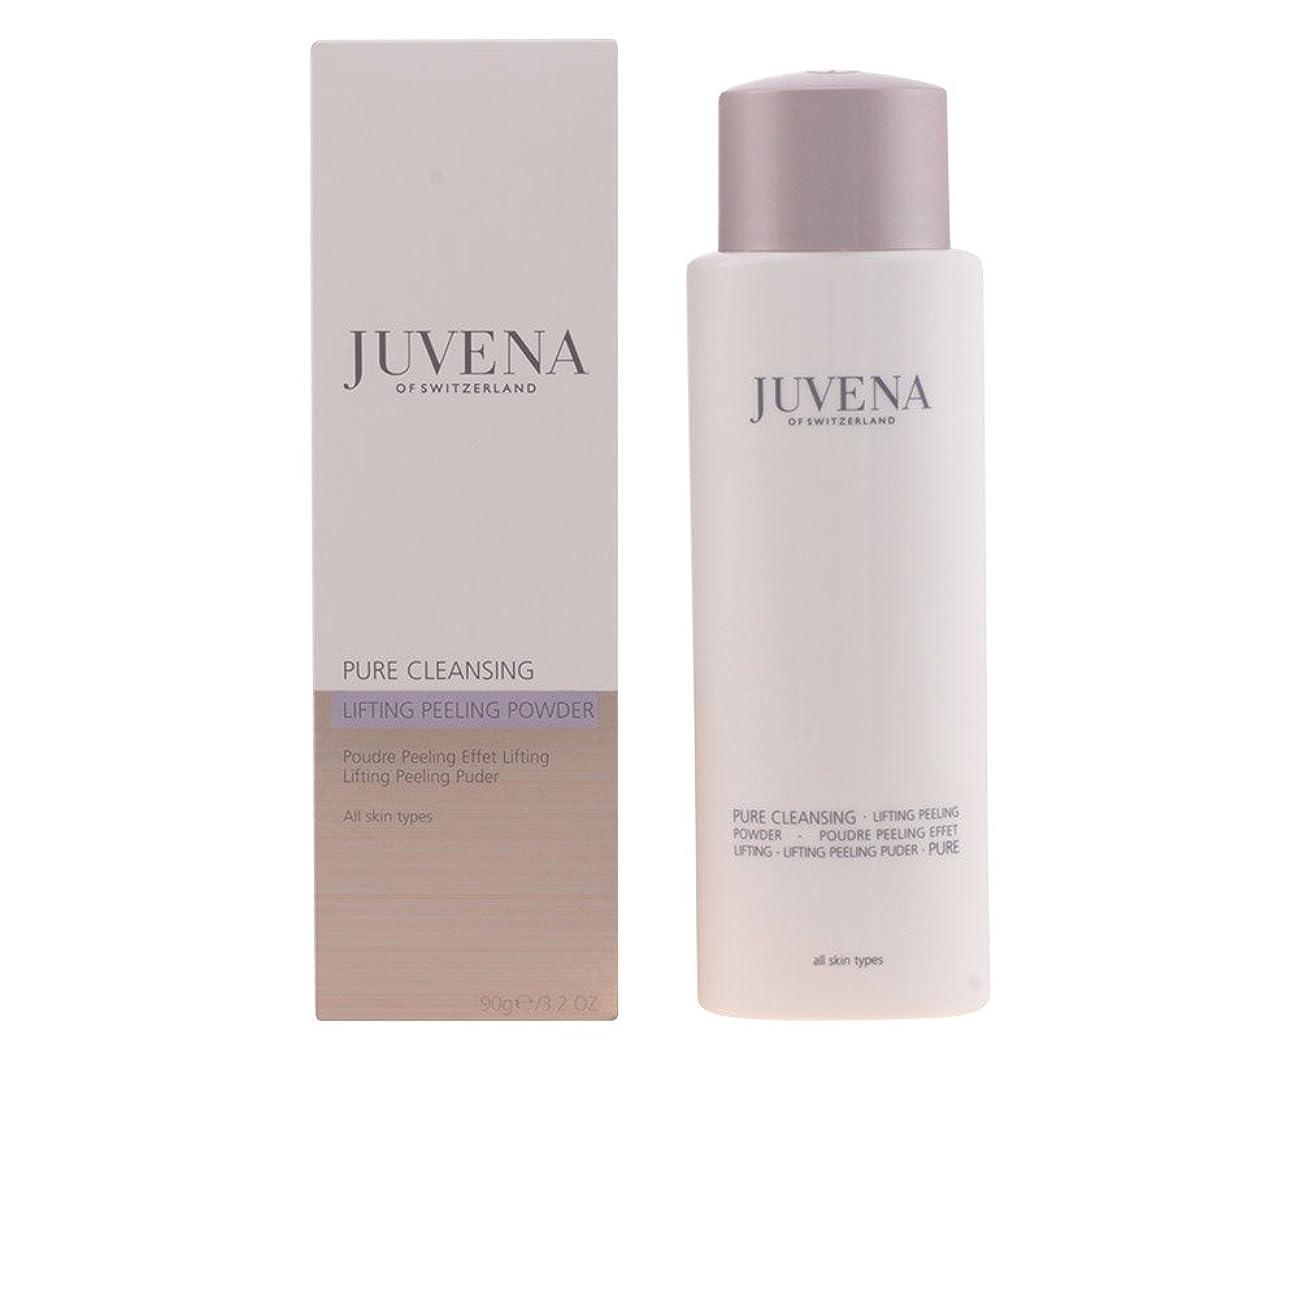 アリスバージン分泌するJuvena - スクラブ洗顔料の90ML PUREジュベナ - 【並行輸入品】